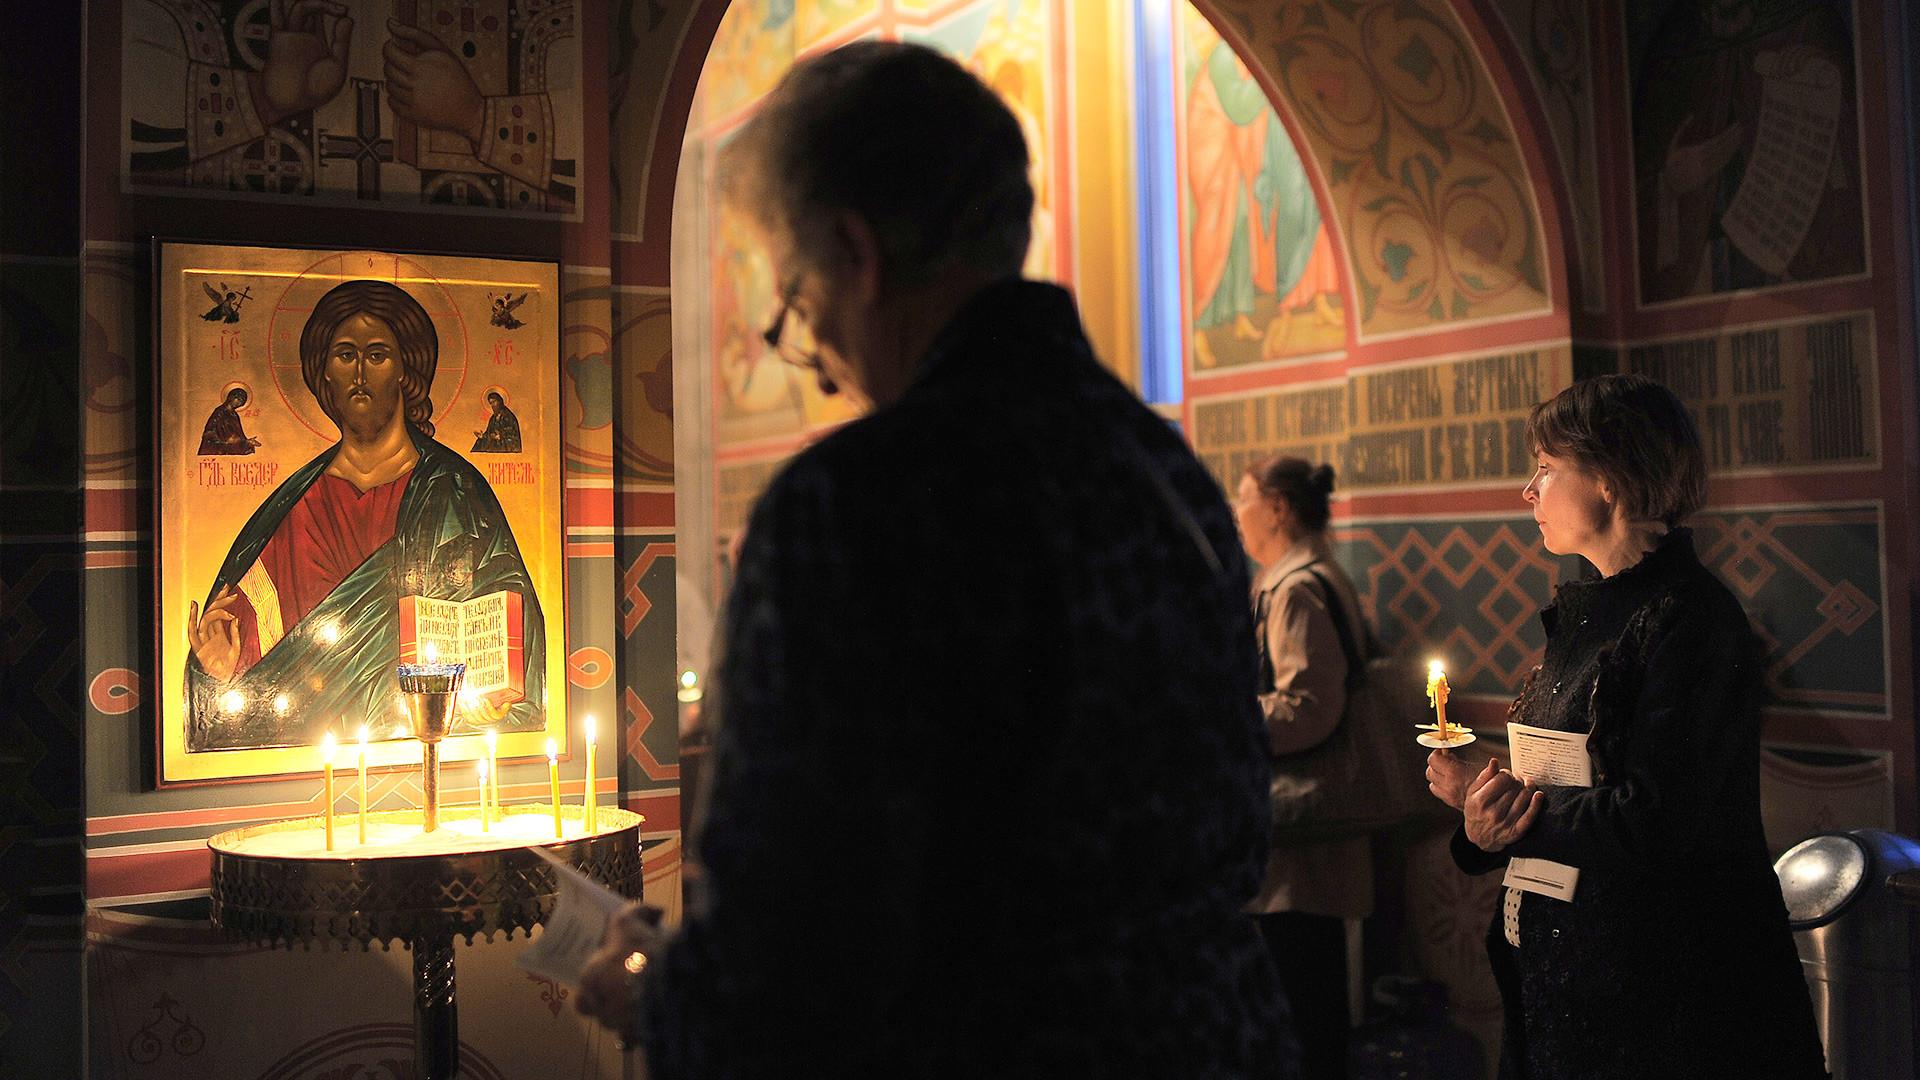 Храм светог Николе у Вашингтону, Православна црква у Америци.